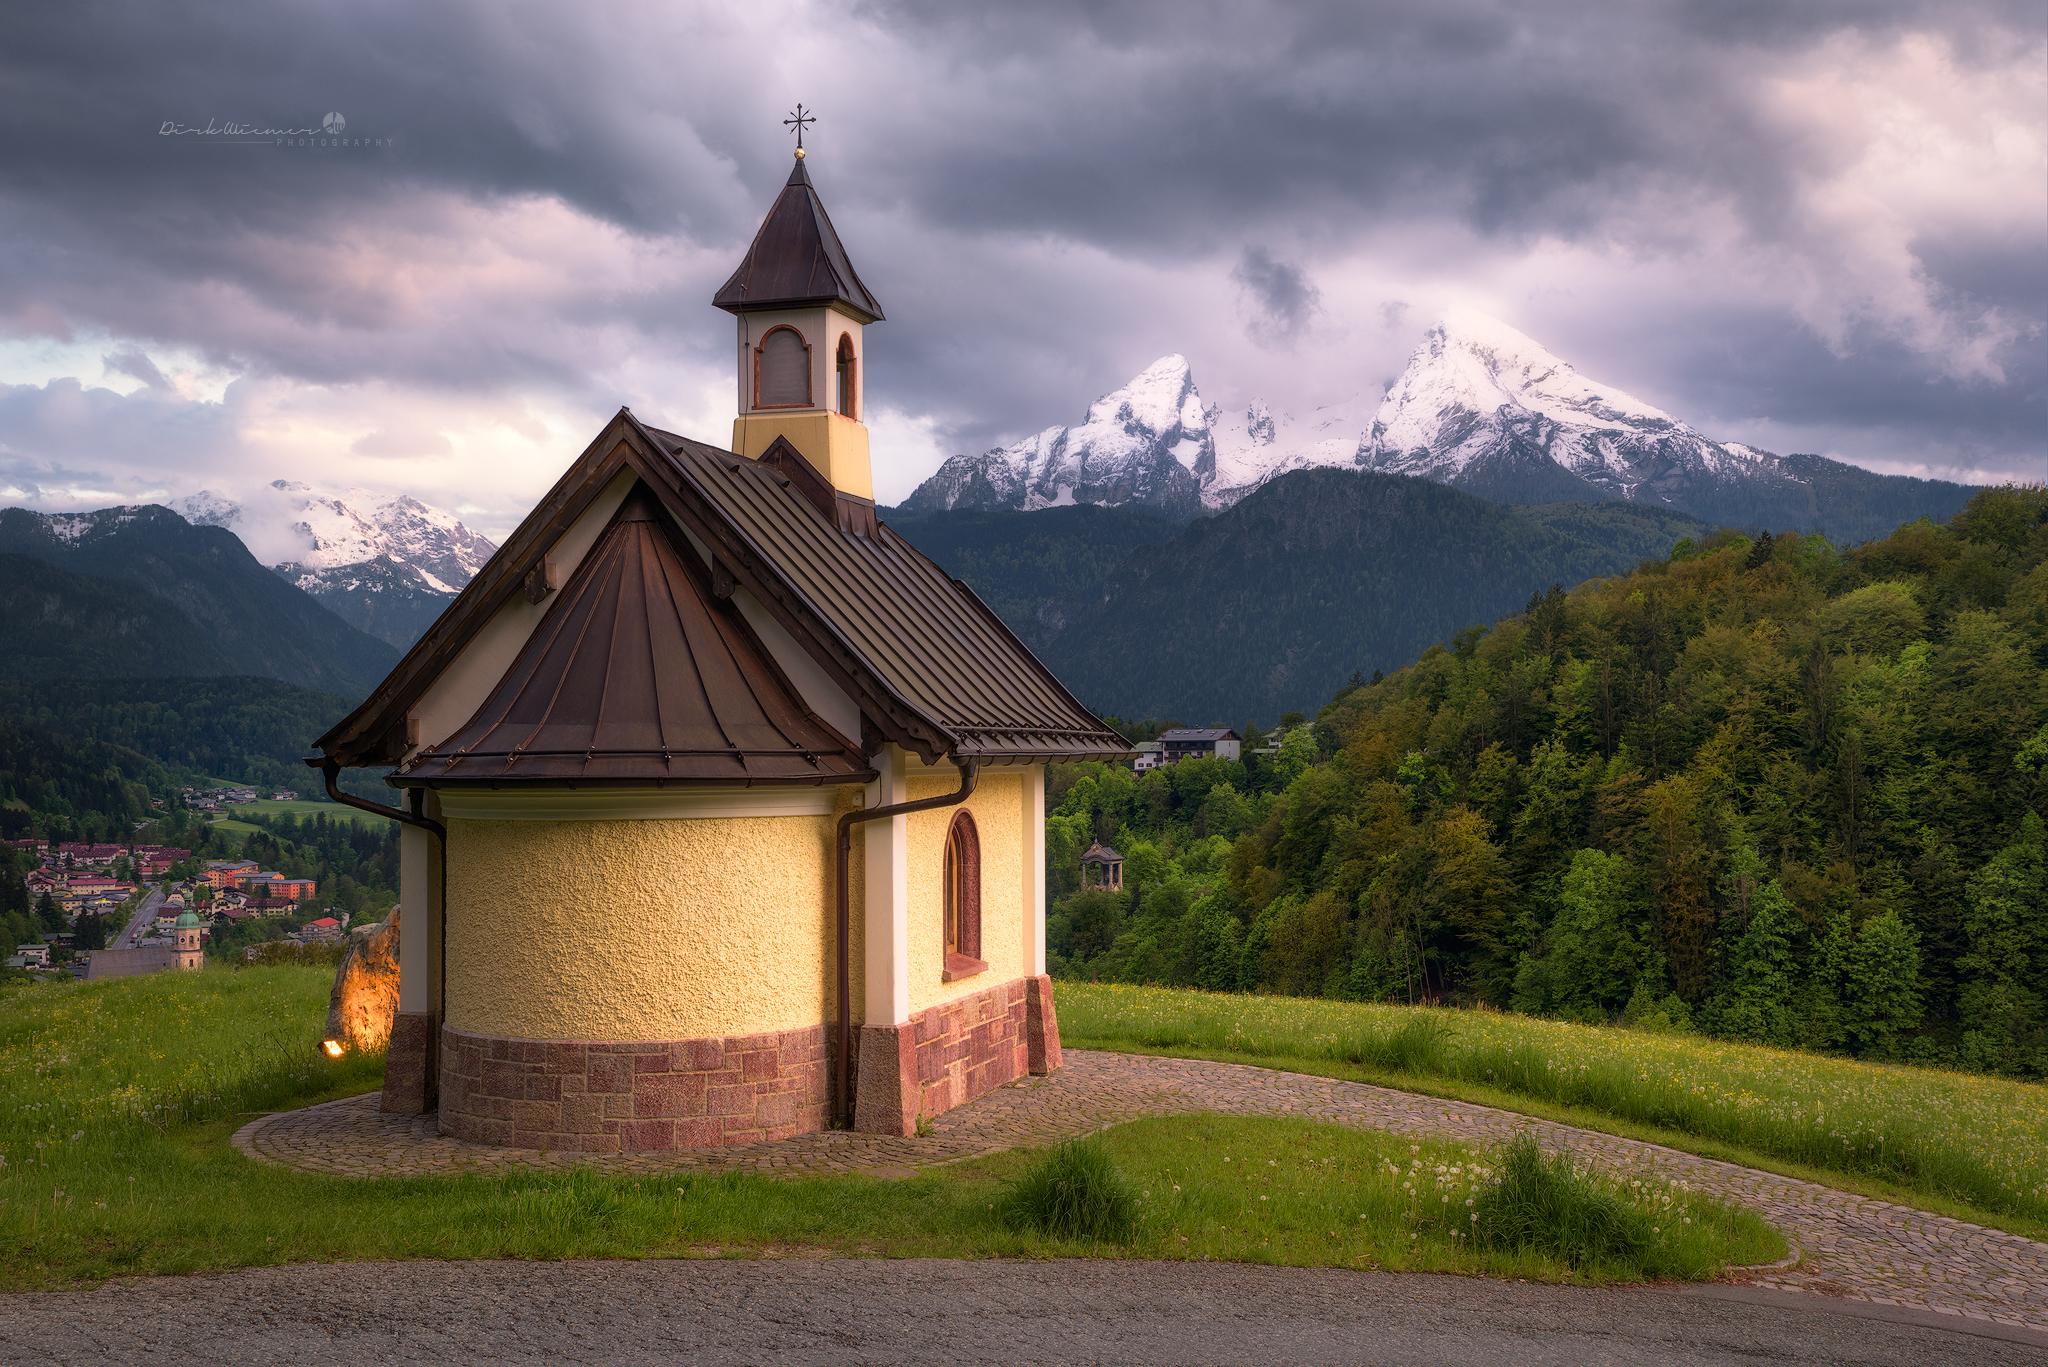 Lockstein chapel in front of Watzmann (Berchtesgaden), Germany